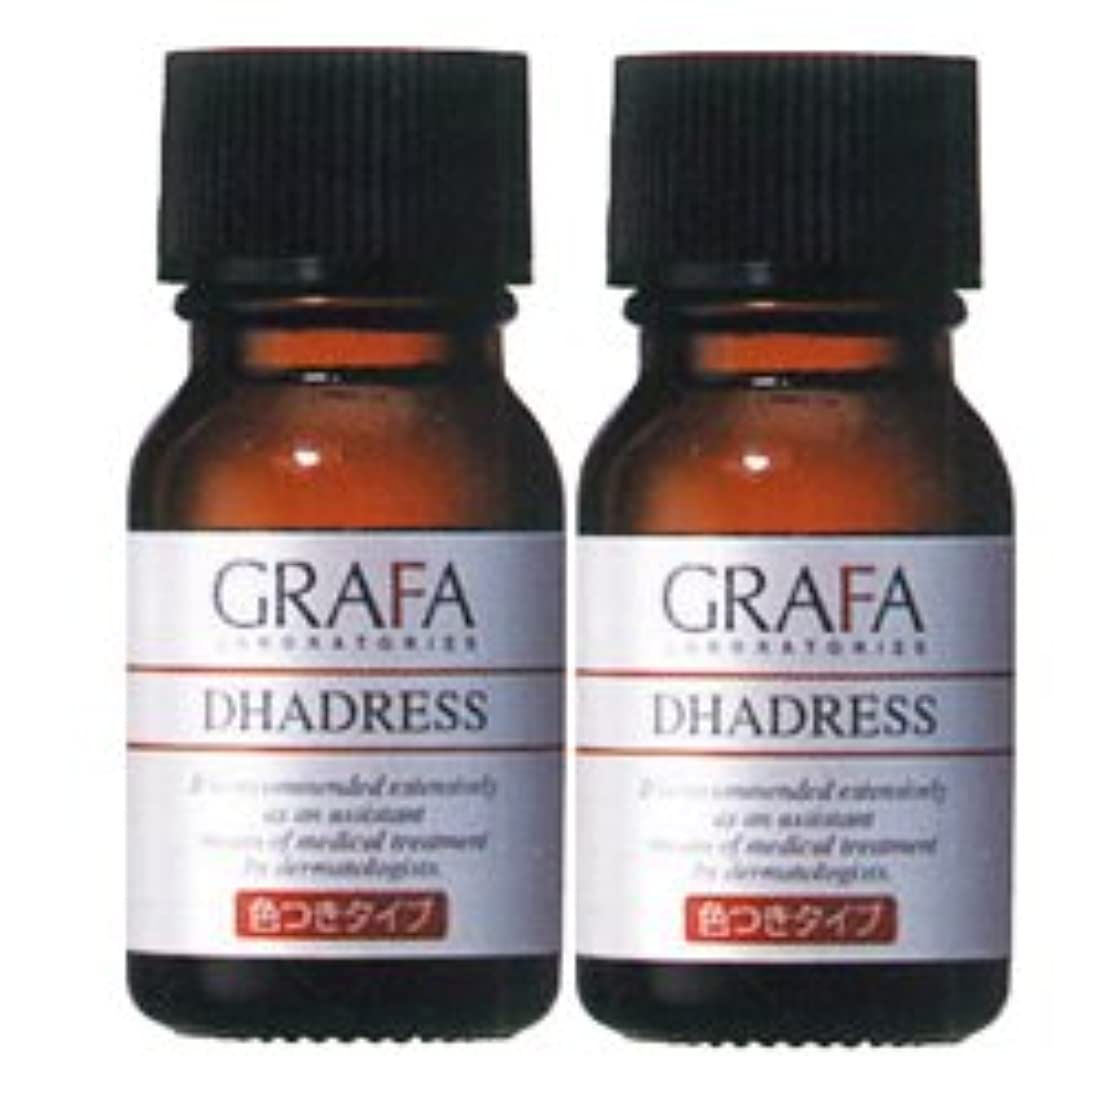 火クローゼット期限グラファ ダドレスC (色つきタイプ) 11mL×2本 着色用化粧水 GRAFA DHADRESS